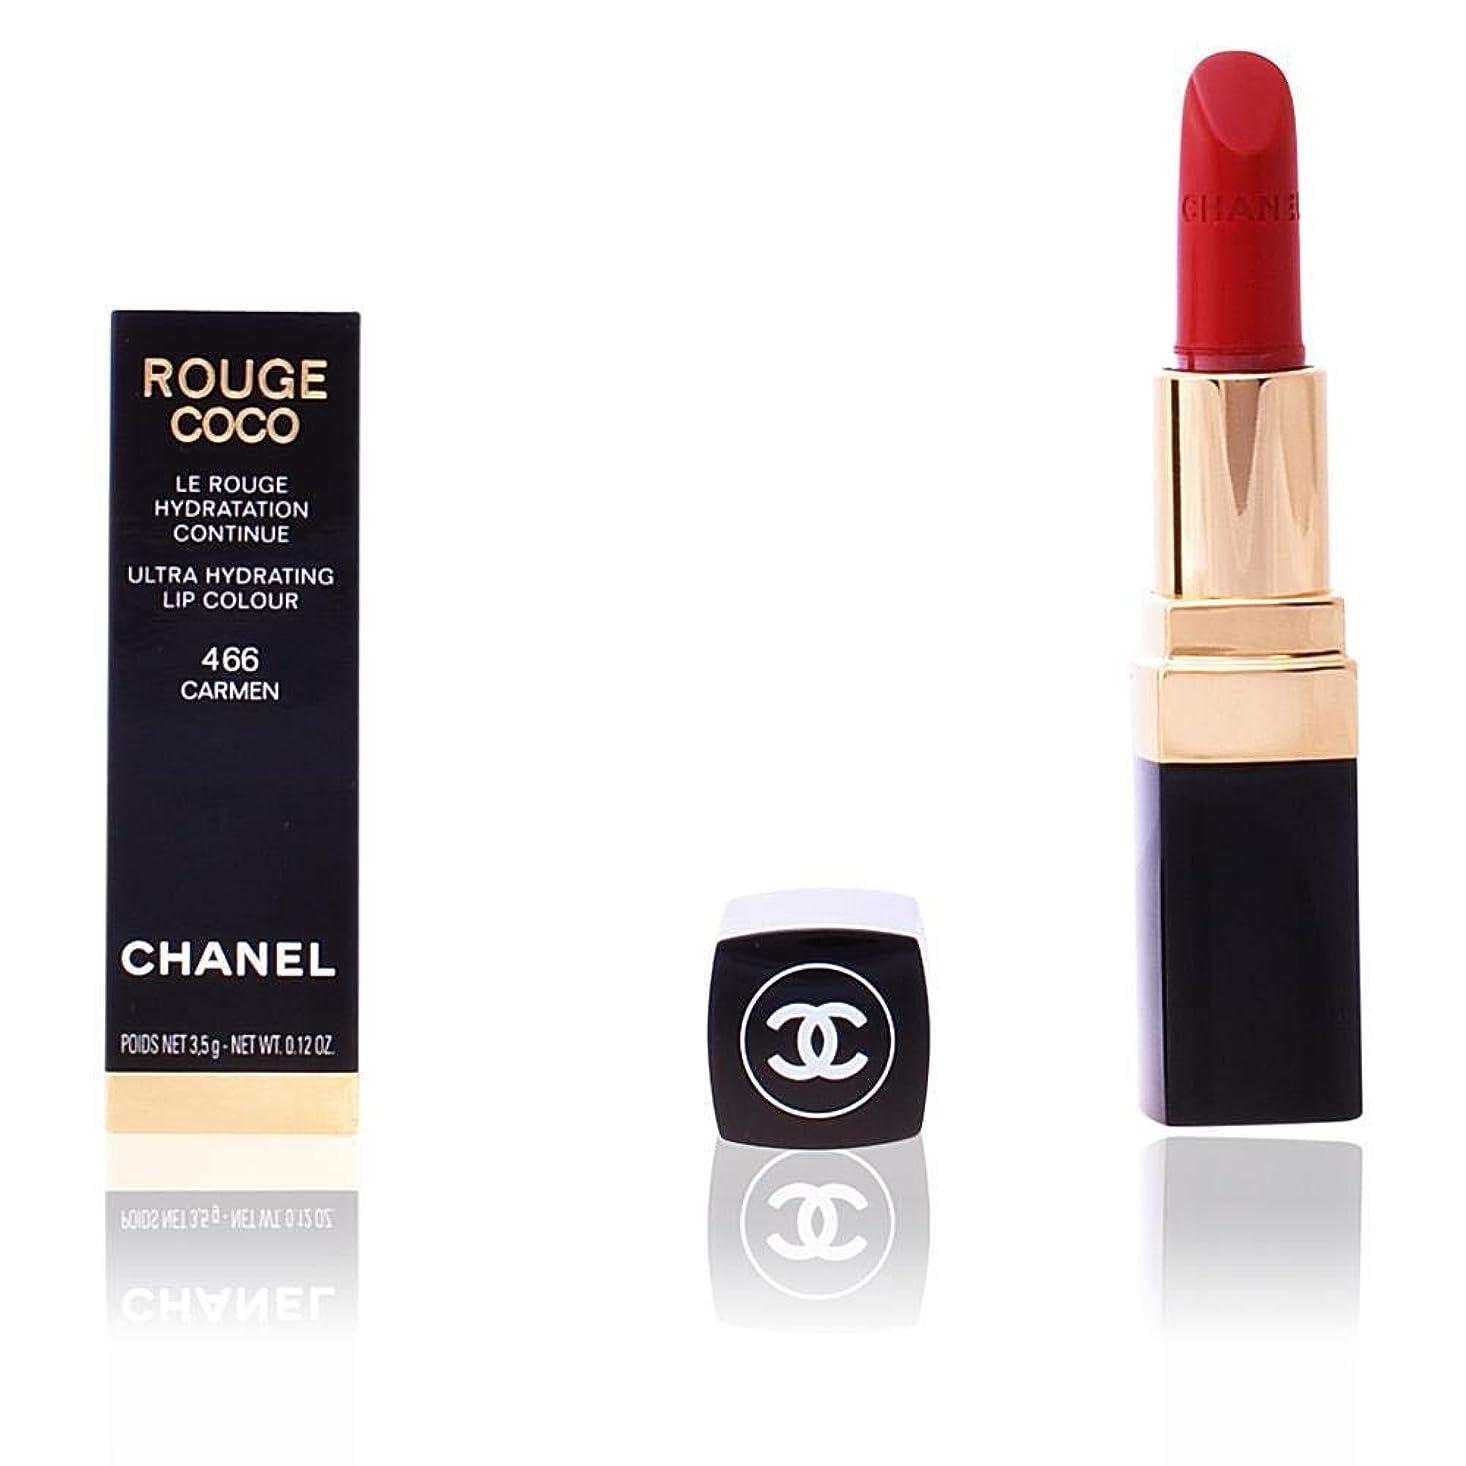 ビルダー霊できるシャネル Rouge Coco Ultra Hydrating Lip Colour - # 466 Carmen 3.5g/0.12oz並行輸入品